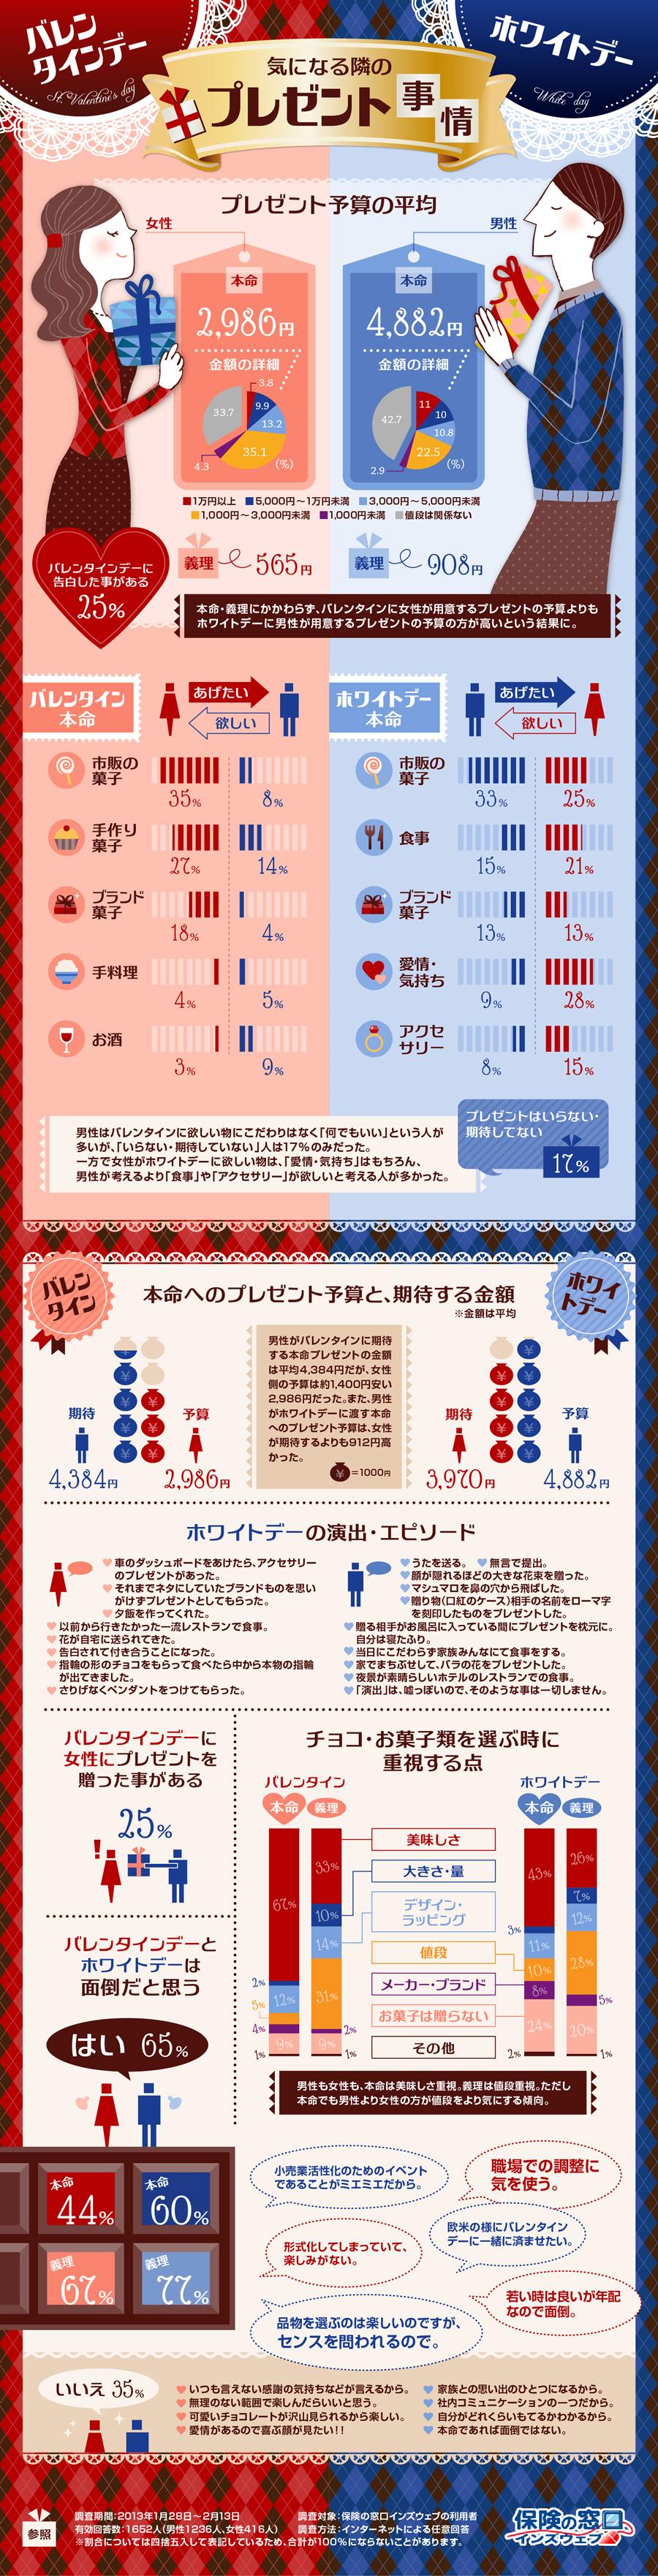 インフォグラフィック:バレンタインの義理チョコは日本だけ。ホワイトデーのお返しに喜ばれる物